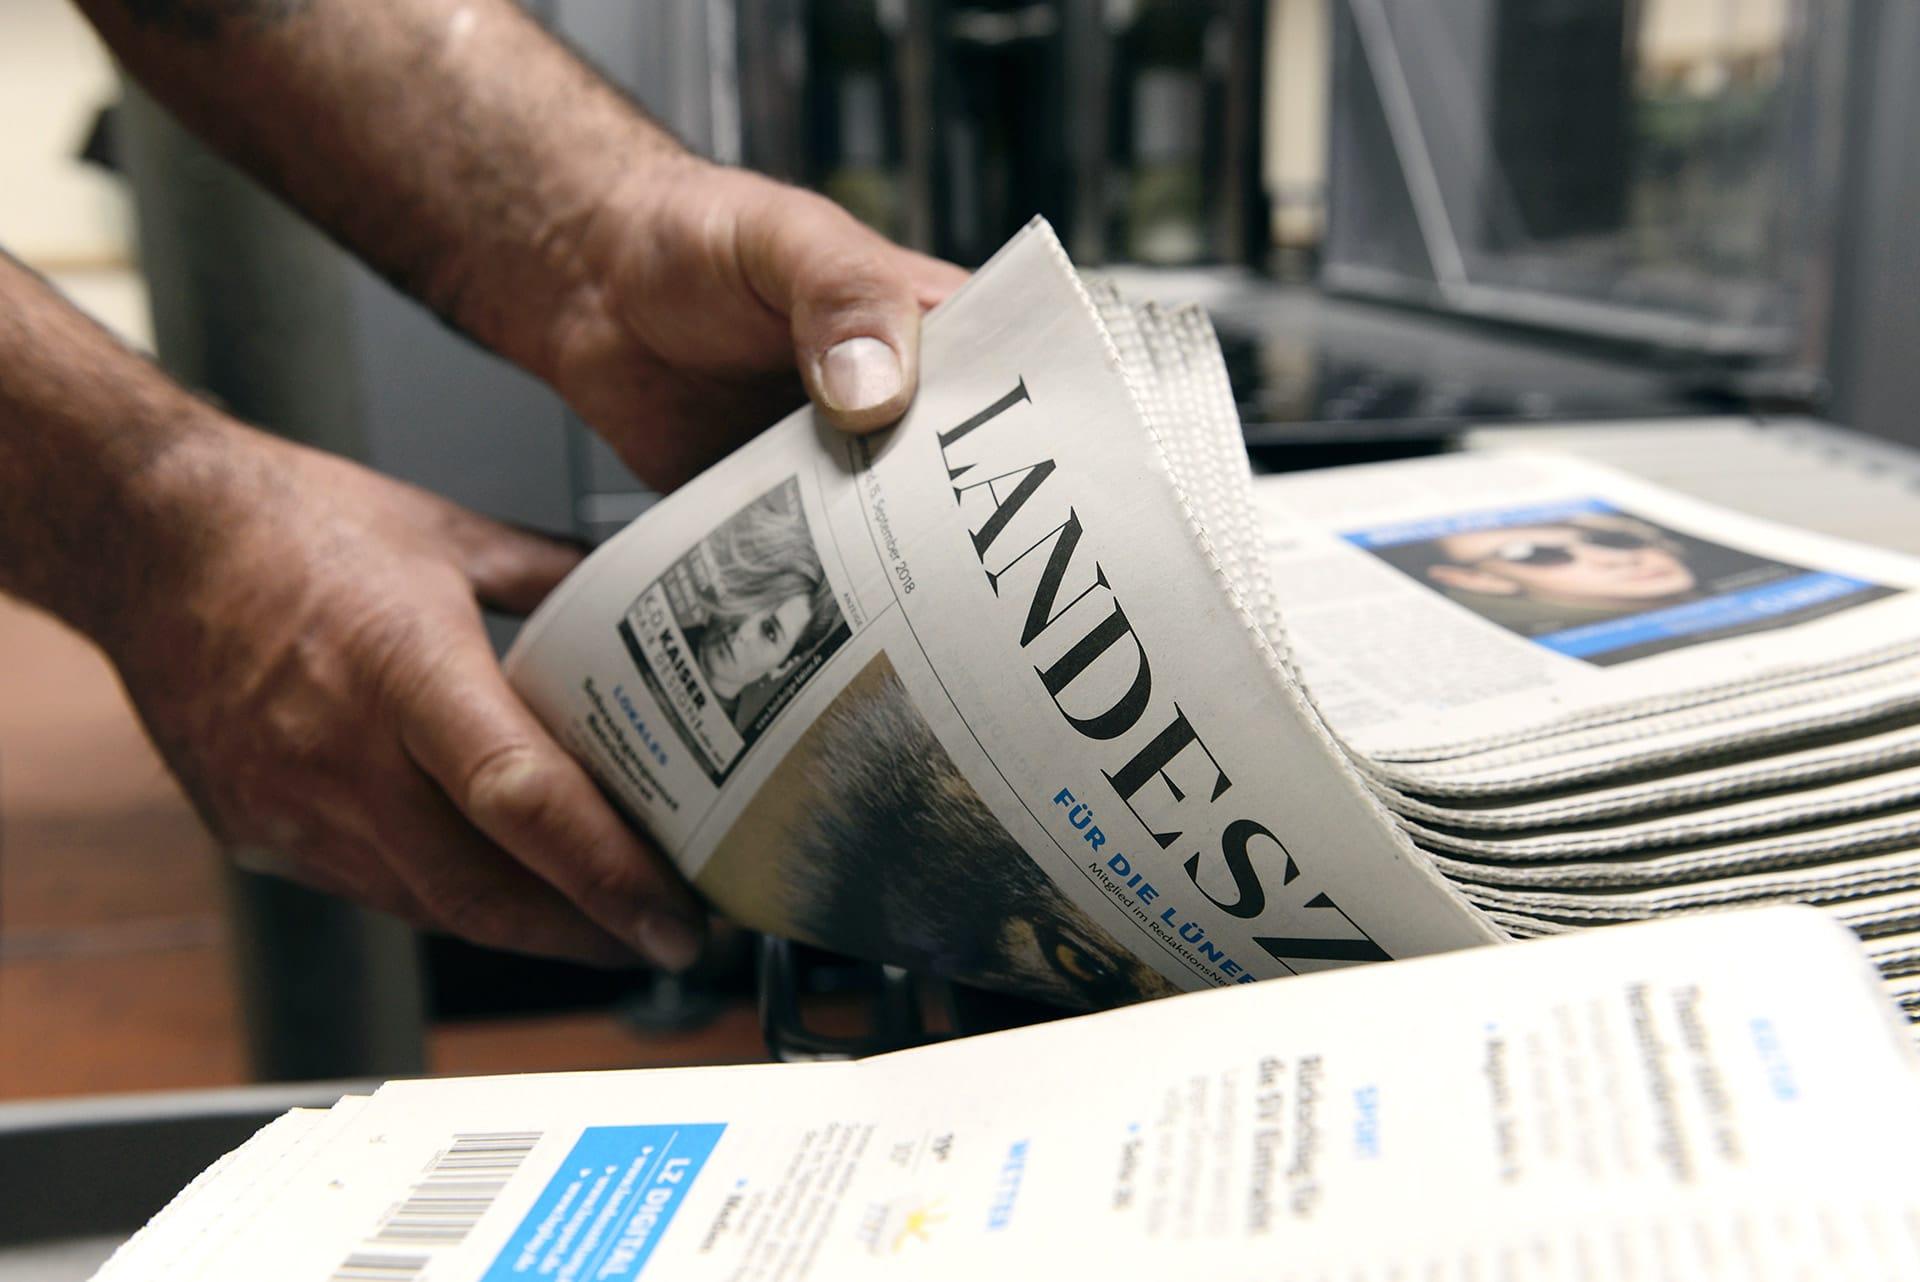 Nichts Ist So Alt Wie Die Zeitung Von Gestern